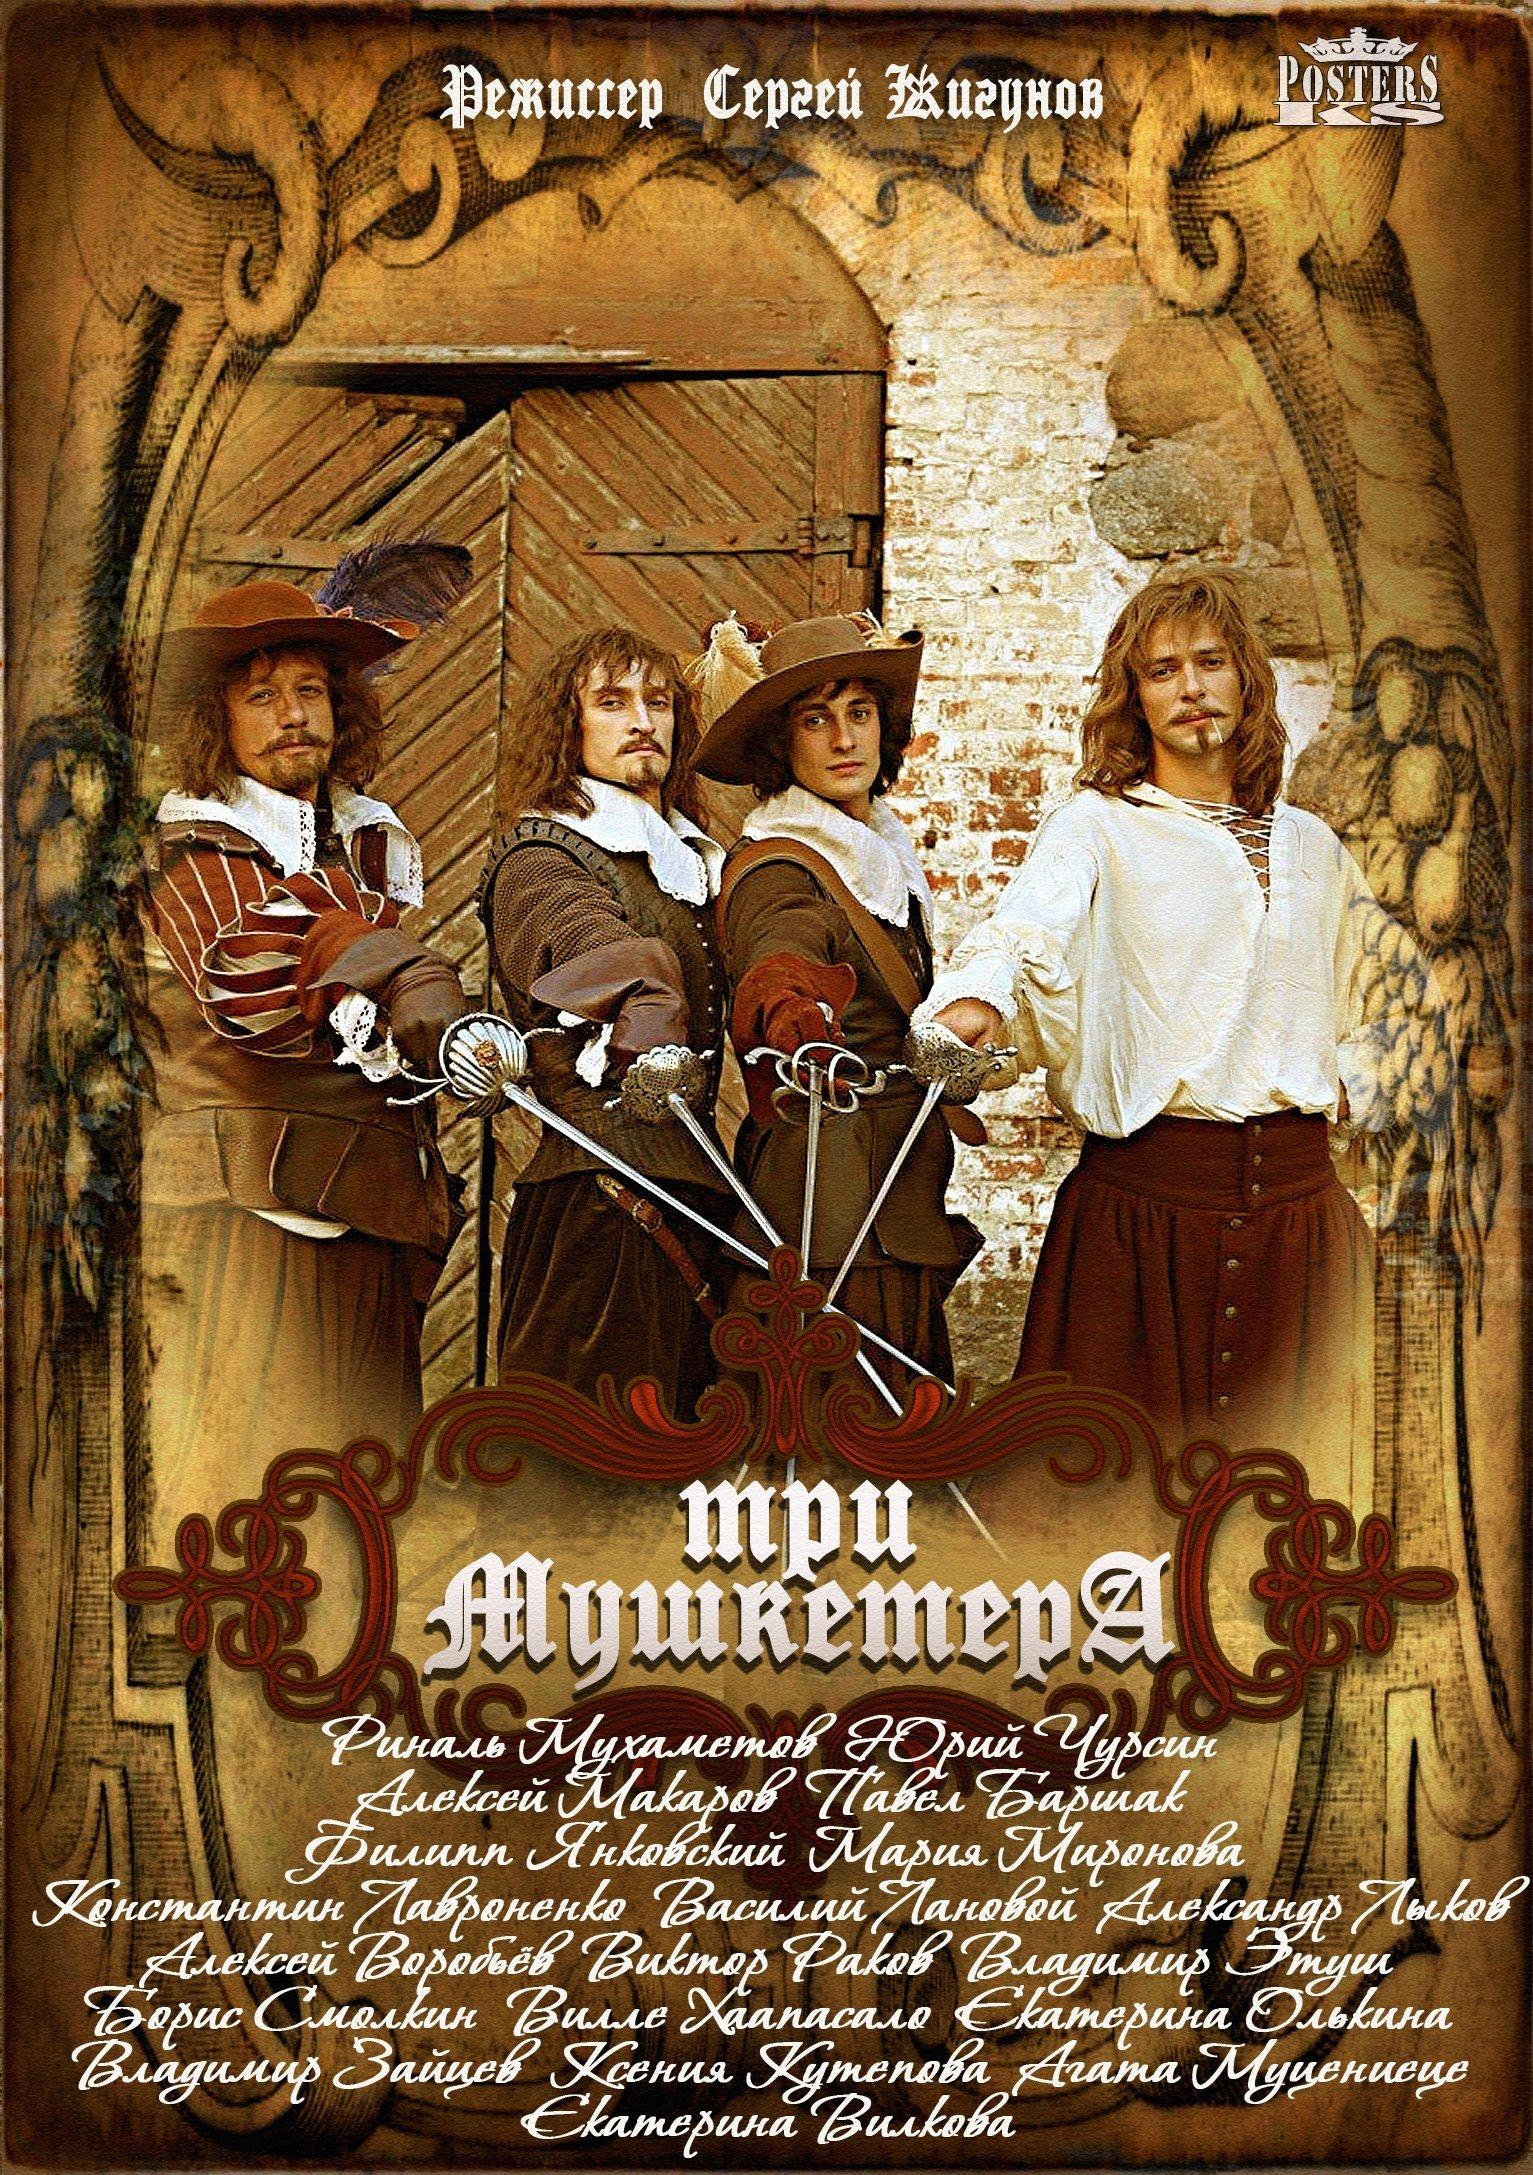 Три мушкетера жигунова отзывы и рецензии 9511